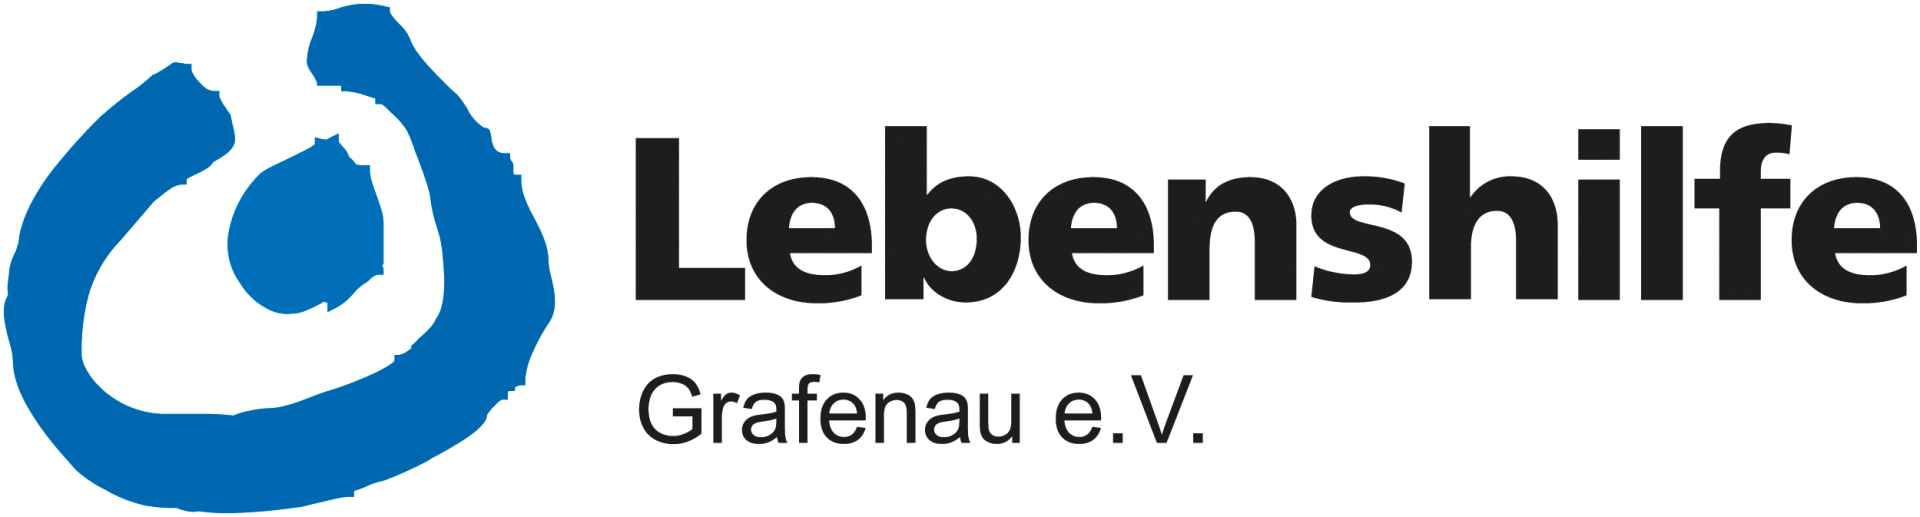 logo-logo-lebenshilfe-grafenau